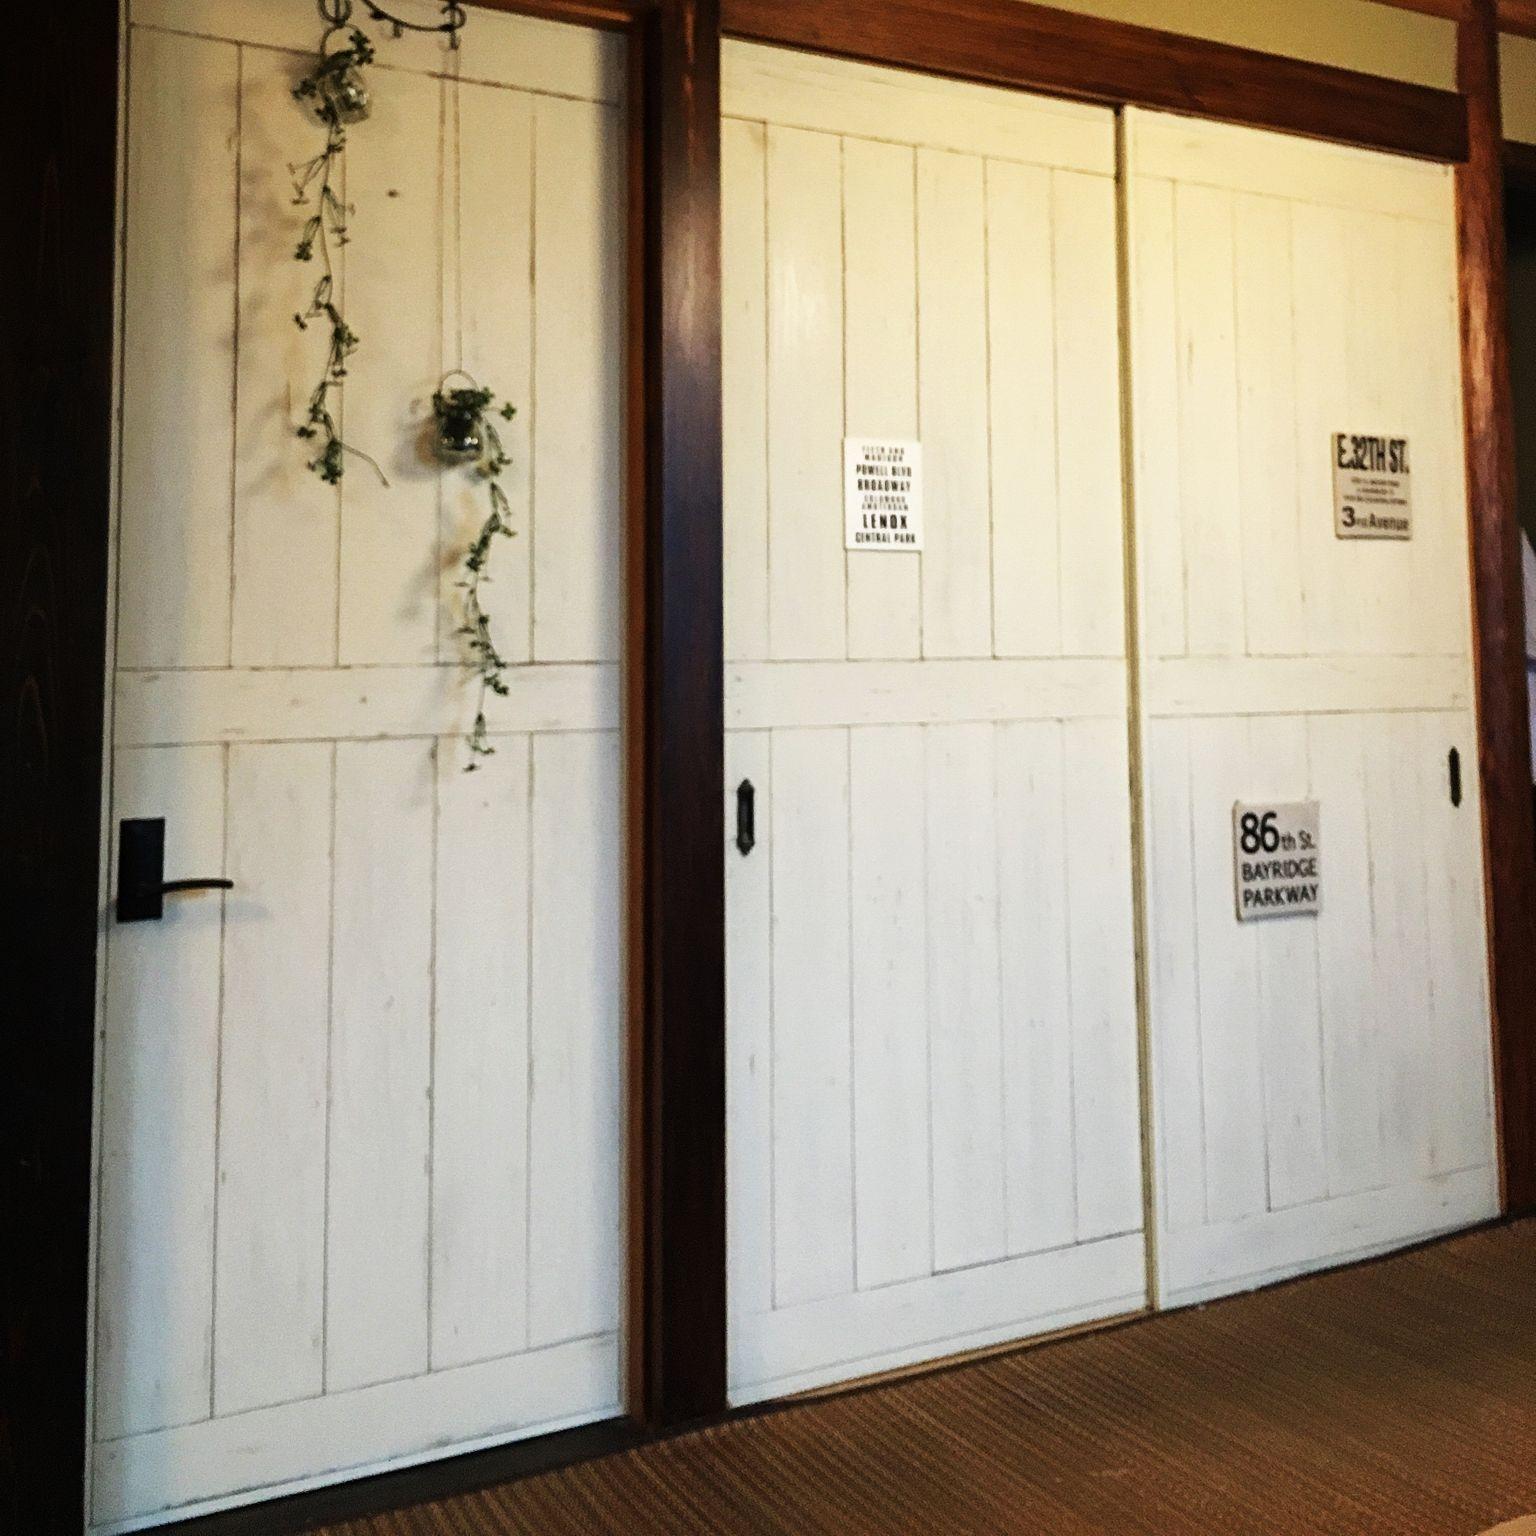 ふすま 板壁 和室 Old Villageのインテリア実例 2016 07 05 17 51 41